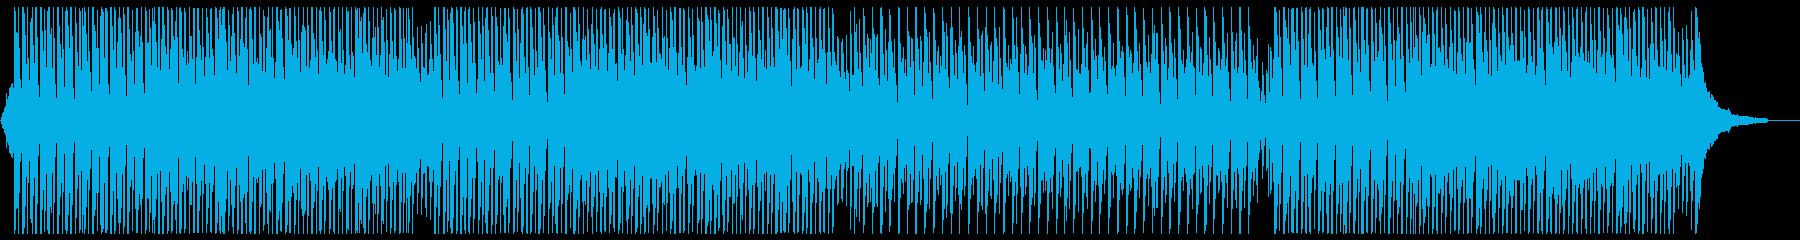 【メロ抜き】可愛くノリの良いアコースティの再生済みの波形